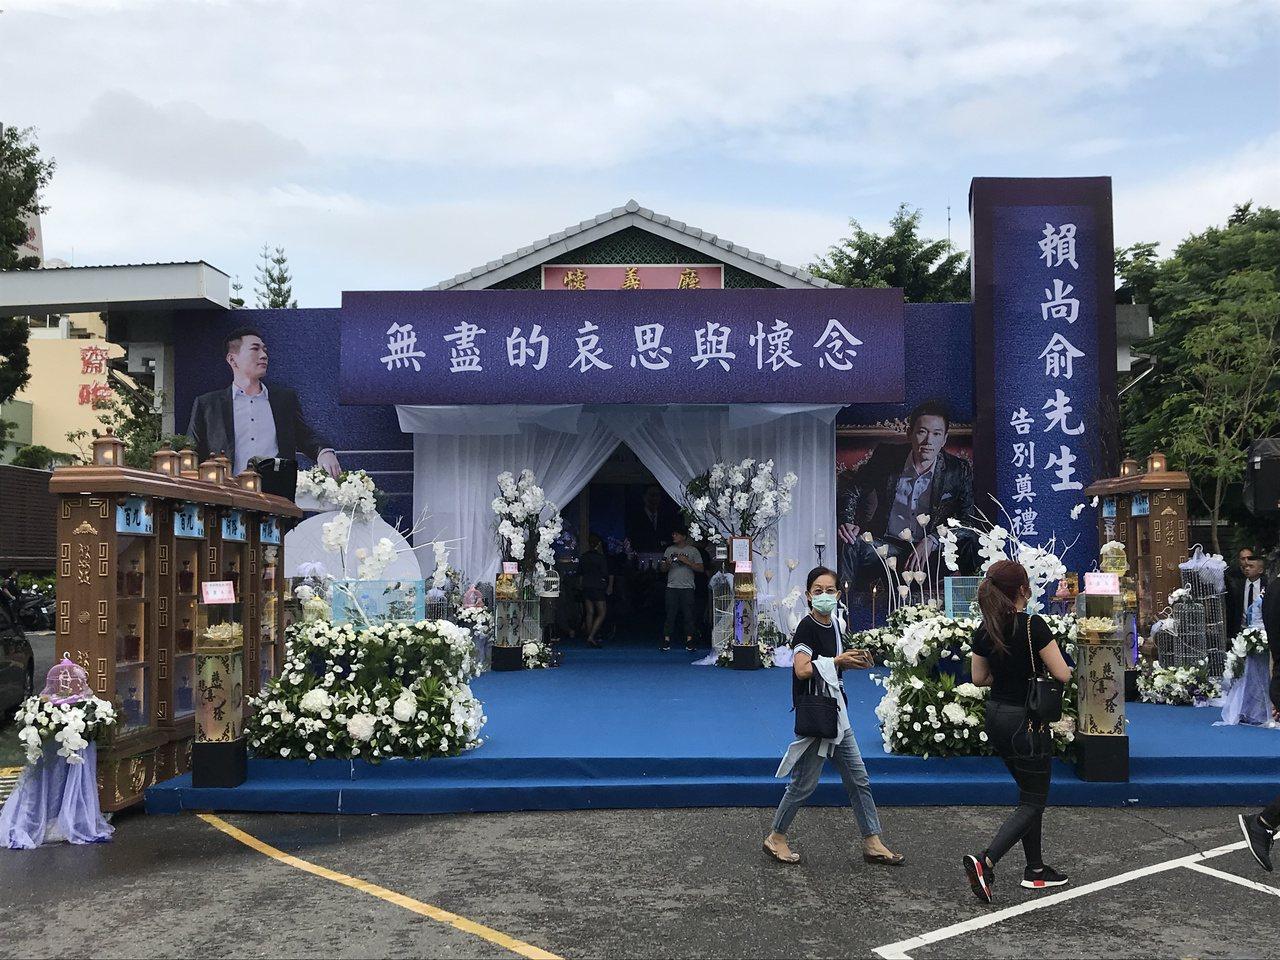 上月震驚國人的太平民宅槍擊案槍手賴尚俞,今上午在台中市立殯儀館舉辦告別式,場面隆...